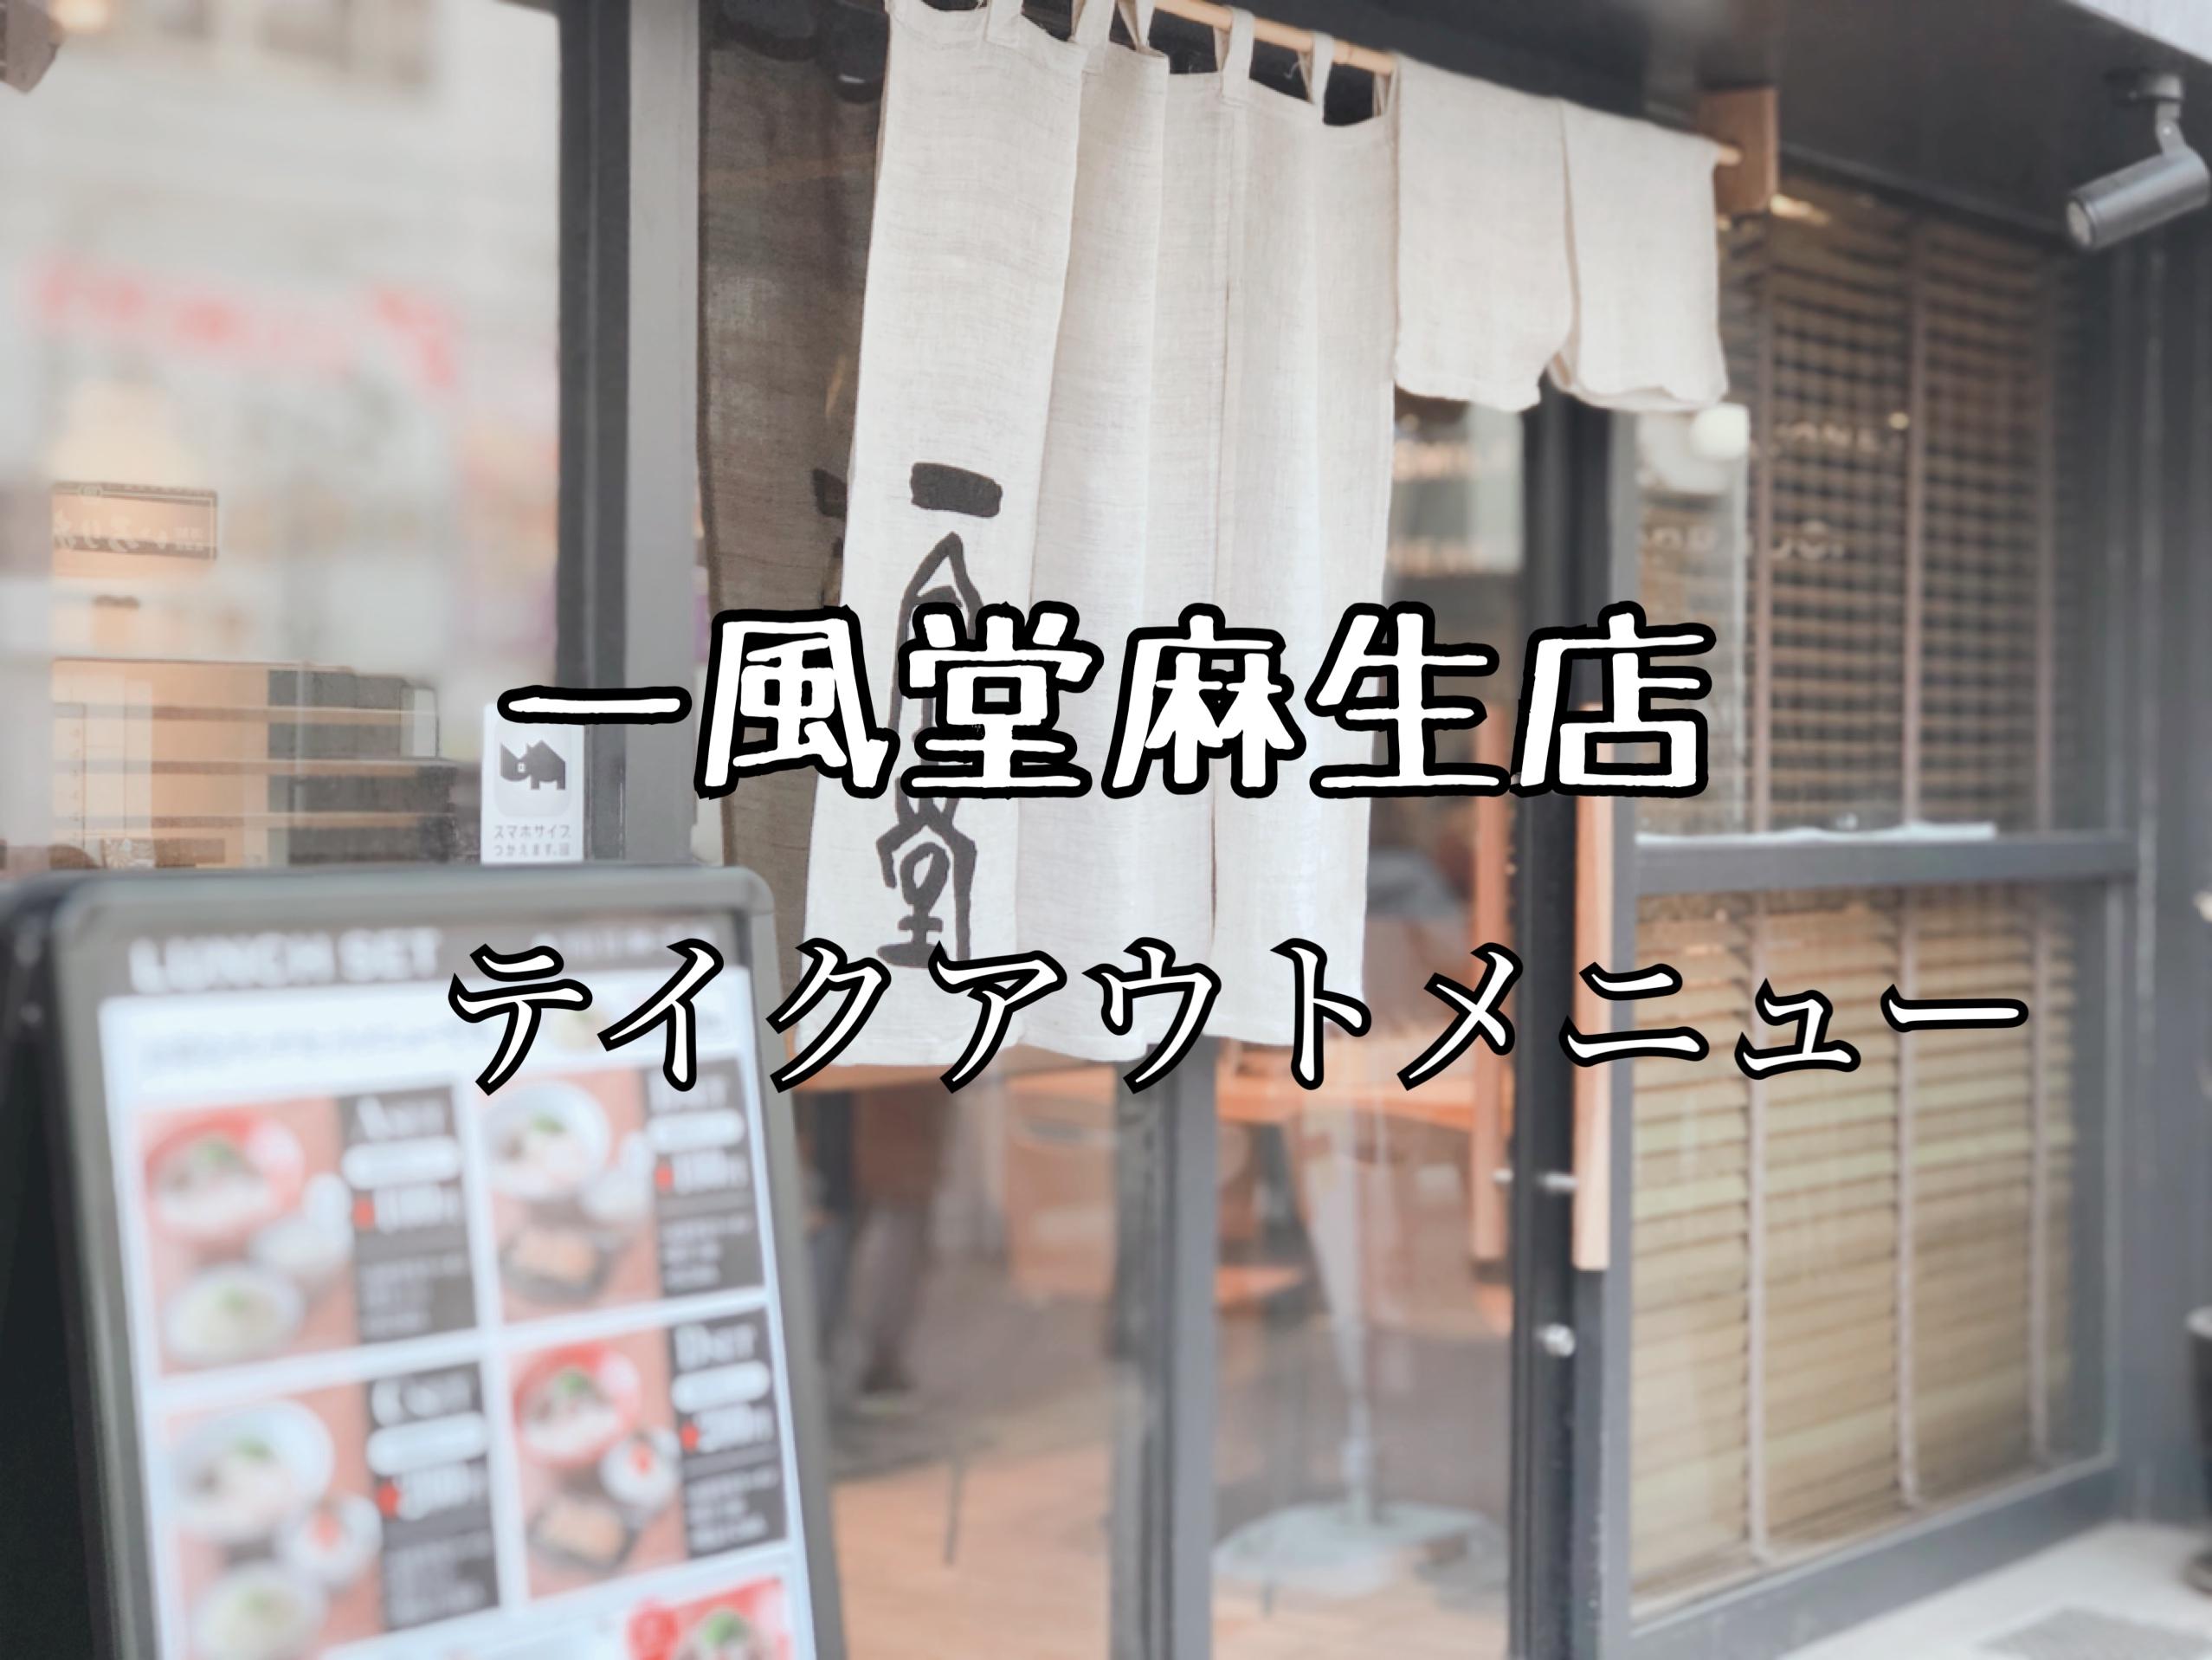 【一風堂】札幌麻生店テイクアウトメニュー!